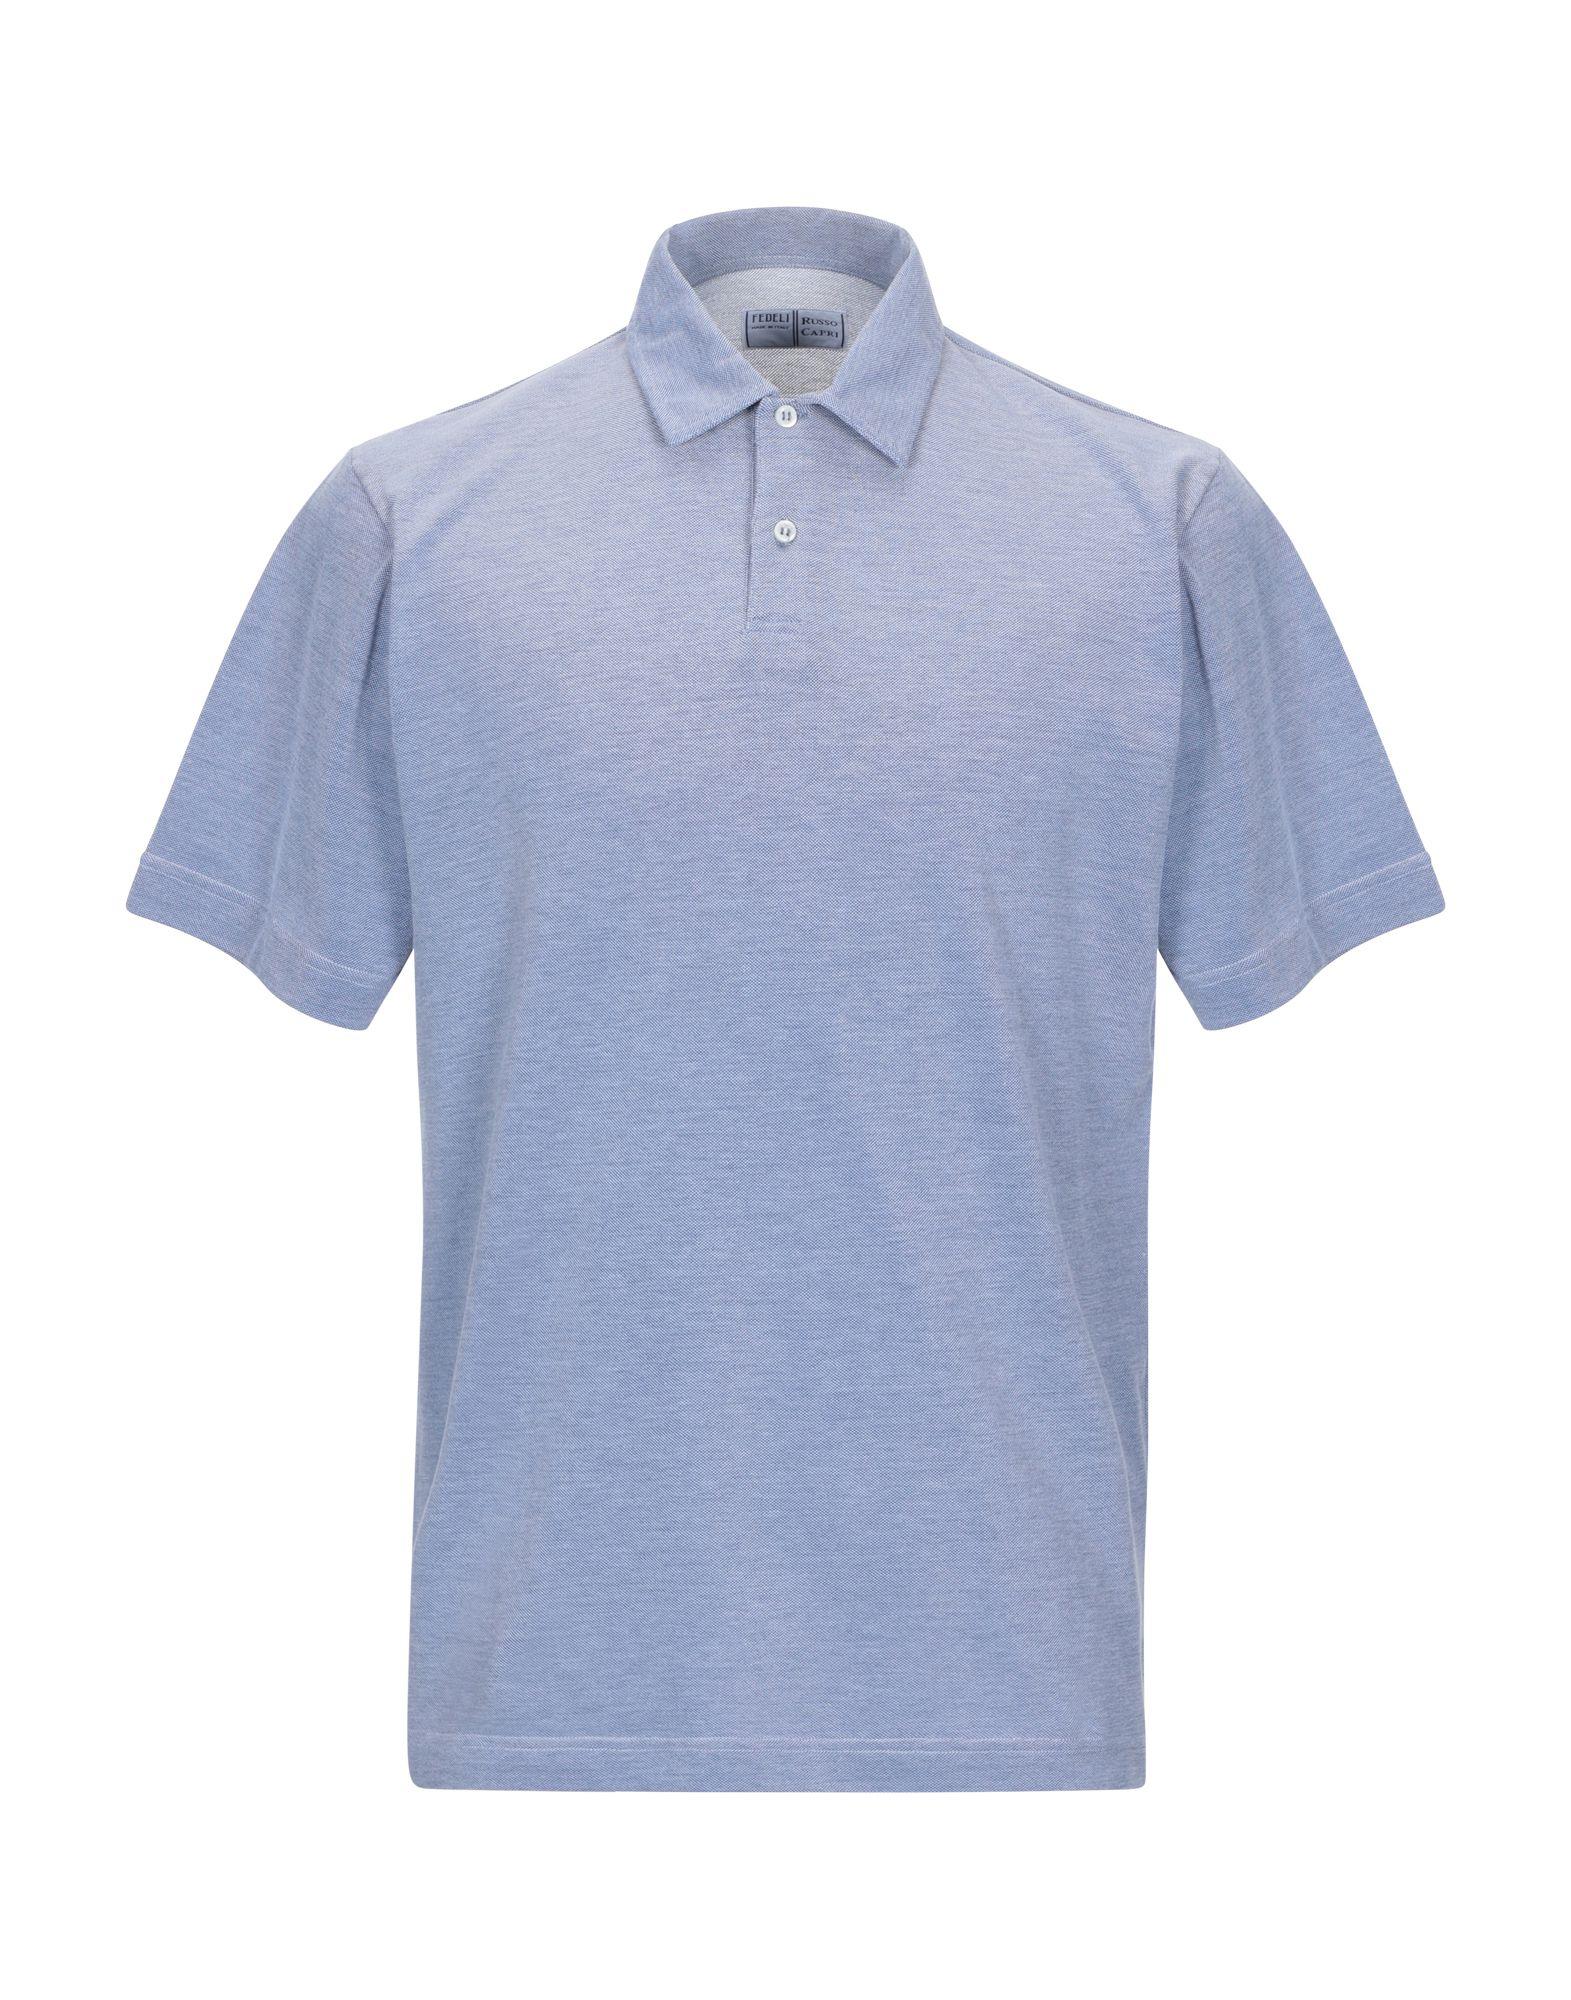 《期間限定セール中》FEDELI メンズ ポロシャツ パステルブルー 48 コットン 100%